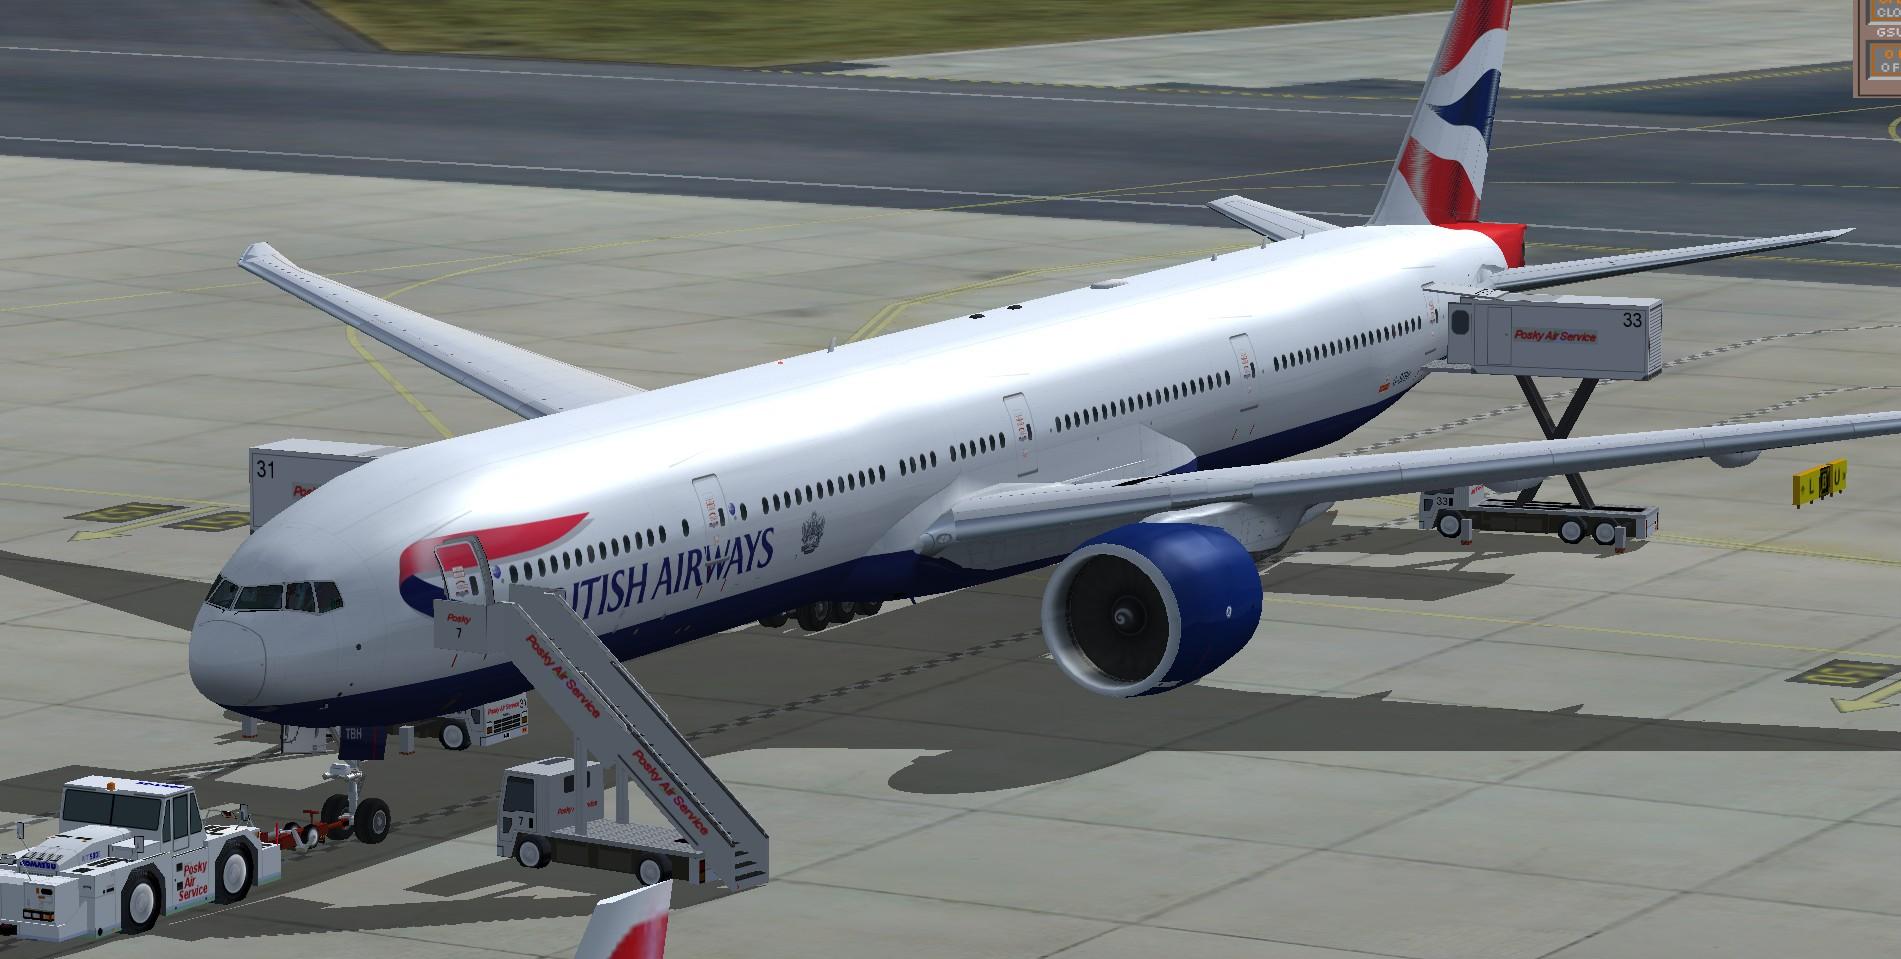 fs-freeware net - FSX Boeing 777-300ER British Airways G-STBH